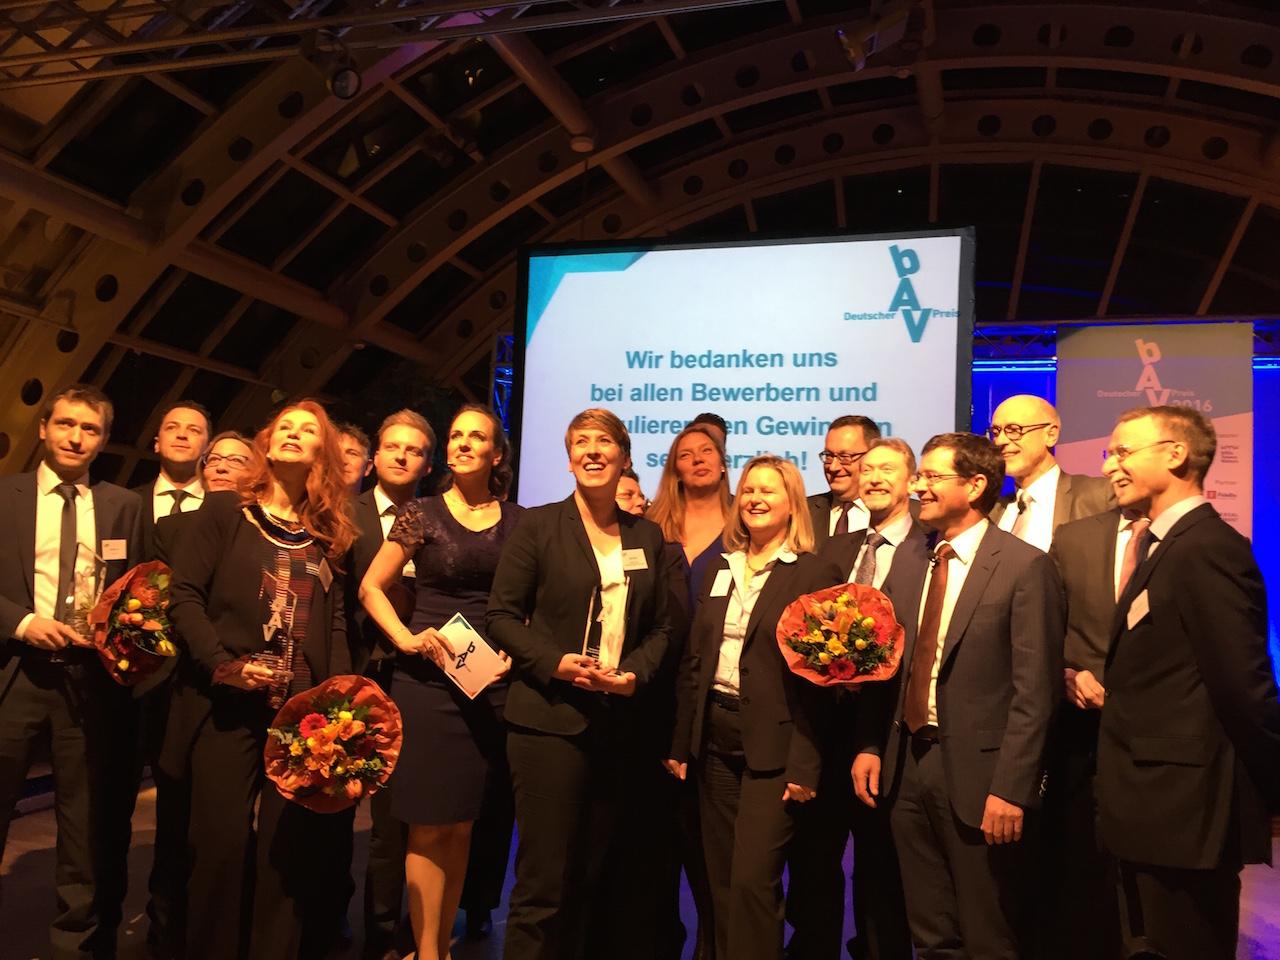 Preistraeger, Jury und Initiatoren des Deutschen bAV-Preises 2016 in Berlin.